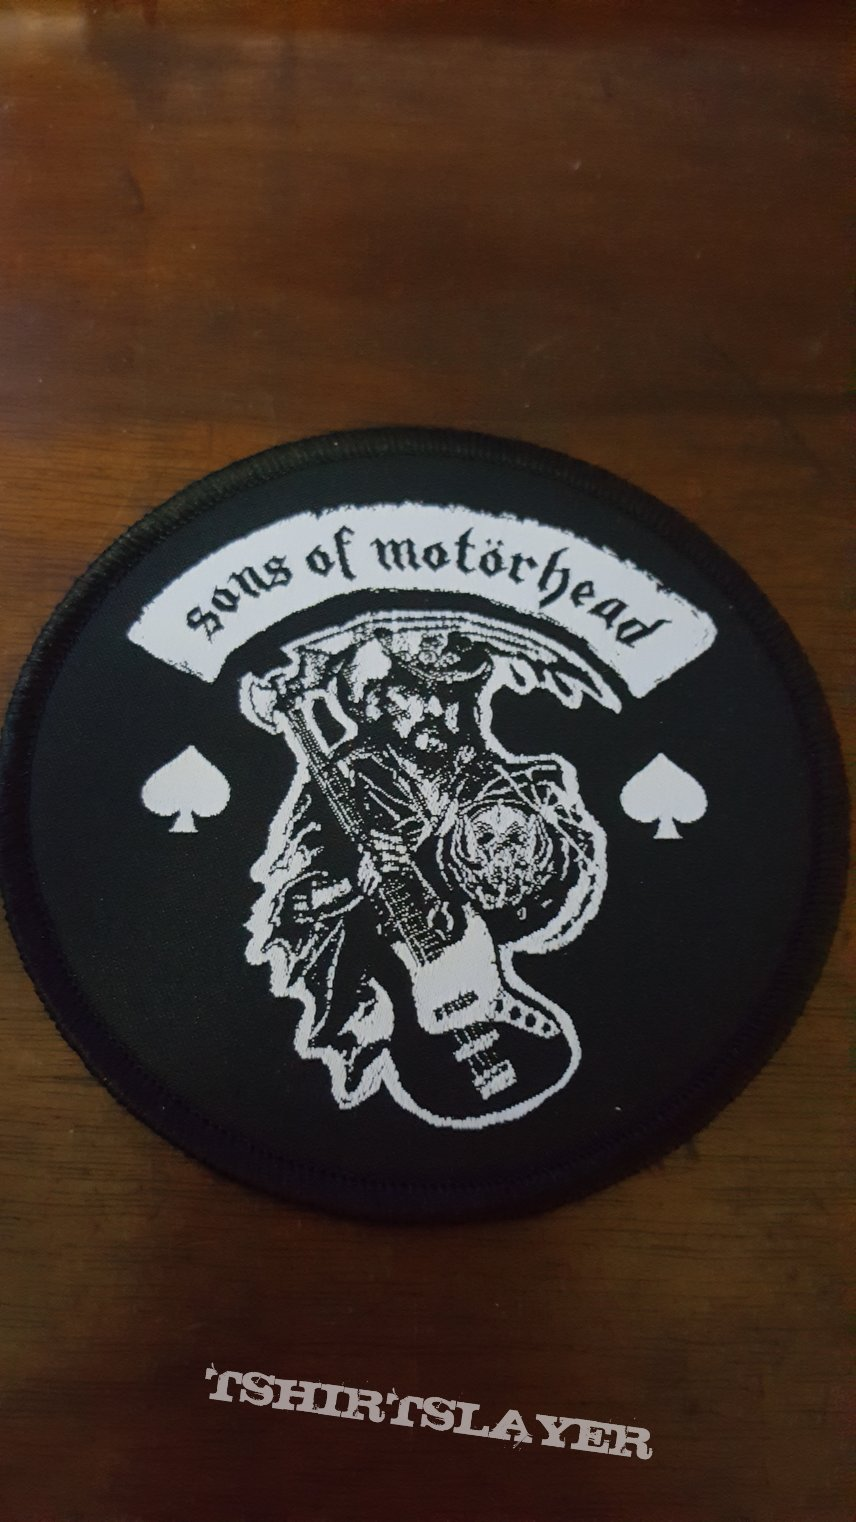 Sons of Motörhead - Black Border